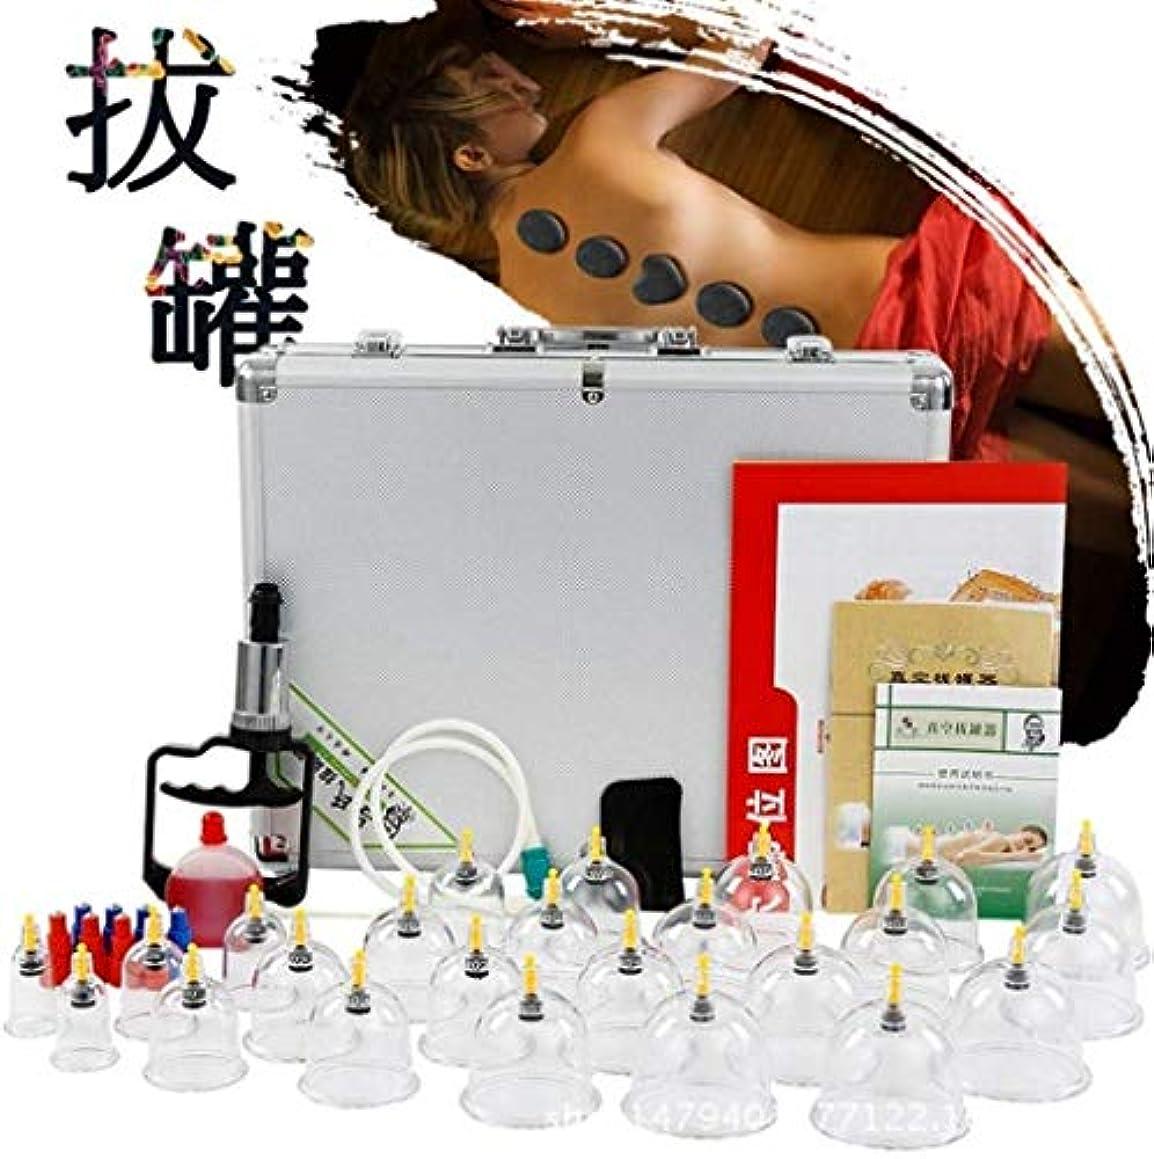 極地モバイルラウズボディマッサージや痛みを軽減するためのエクステンションチューブと中国の鍼カッピングセットのプロフェッショナルカッピングキット